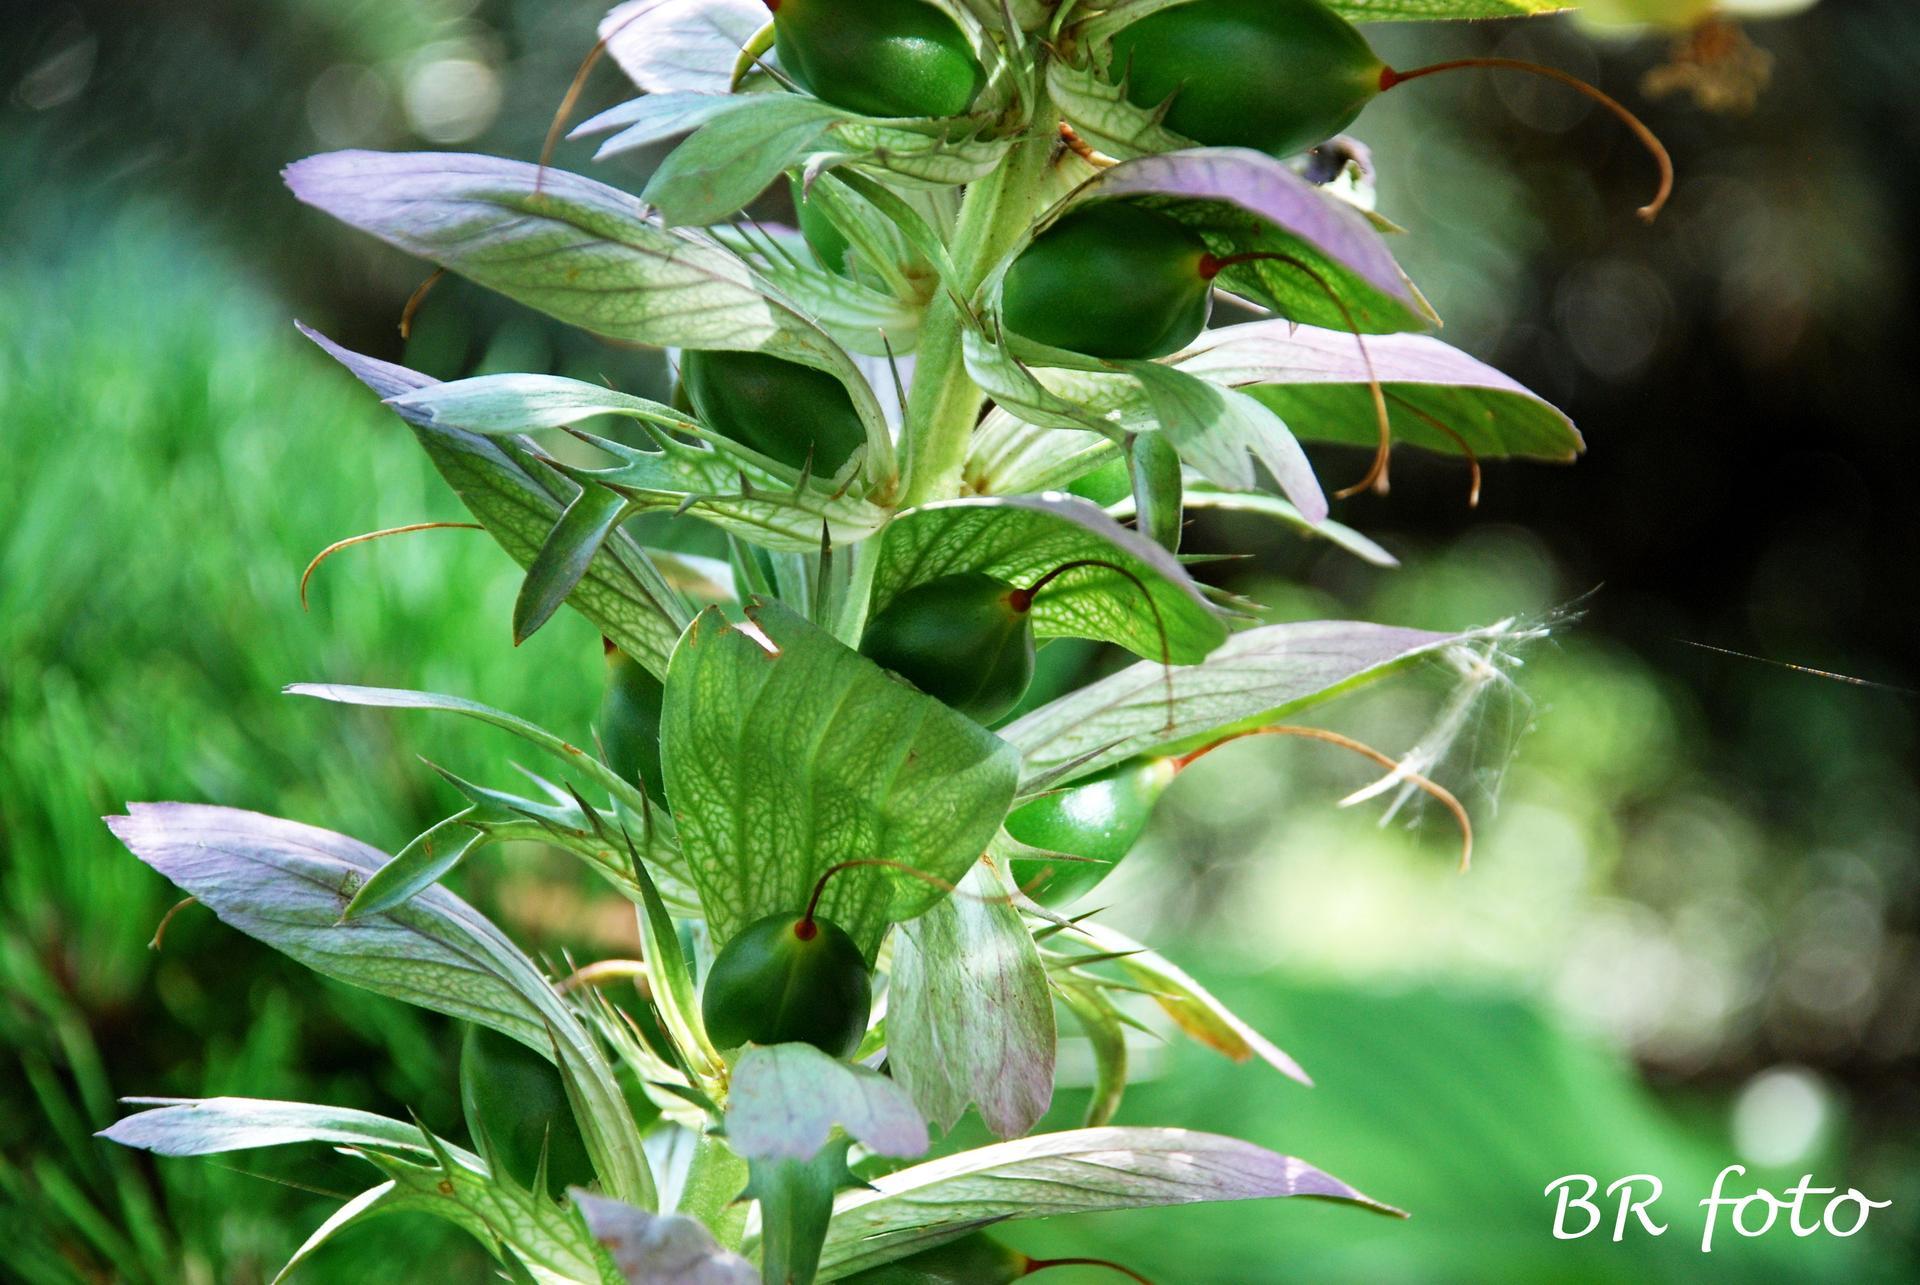 Zahrada v létě - paznehtík začíná tvořit semena